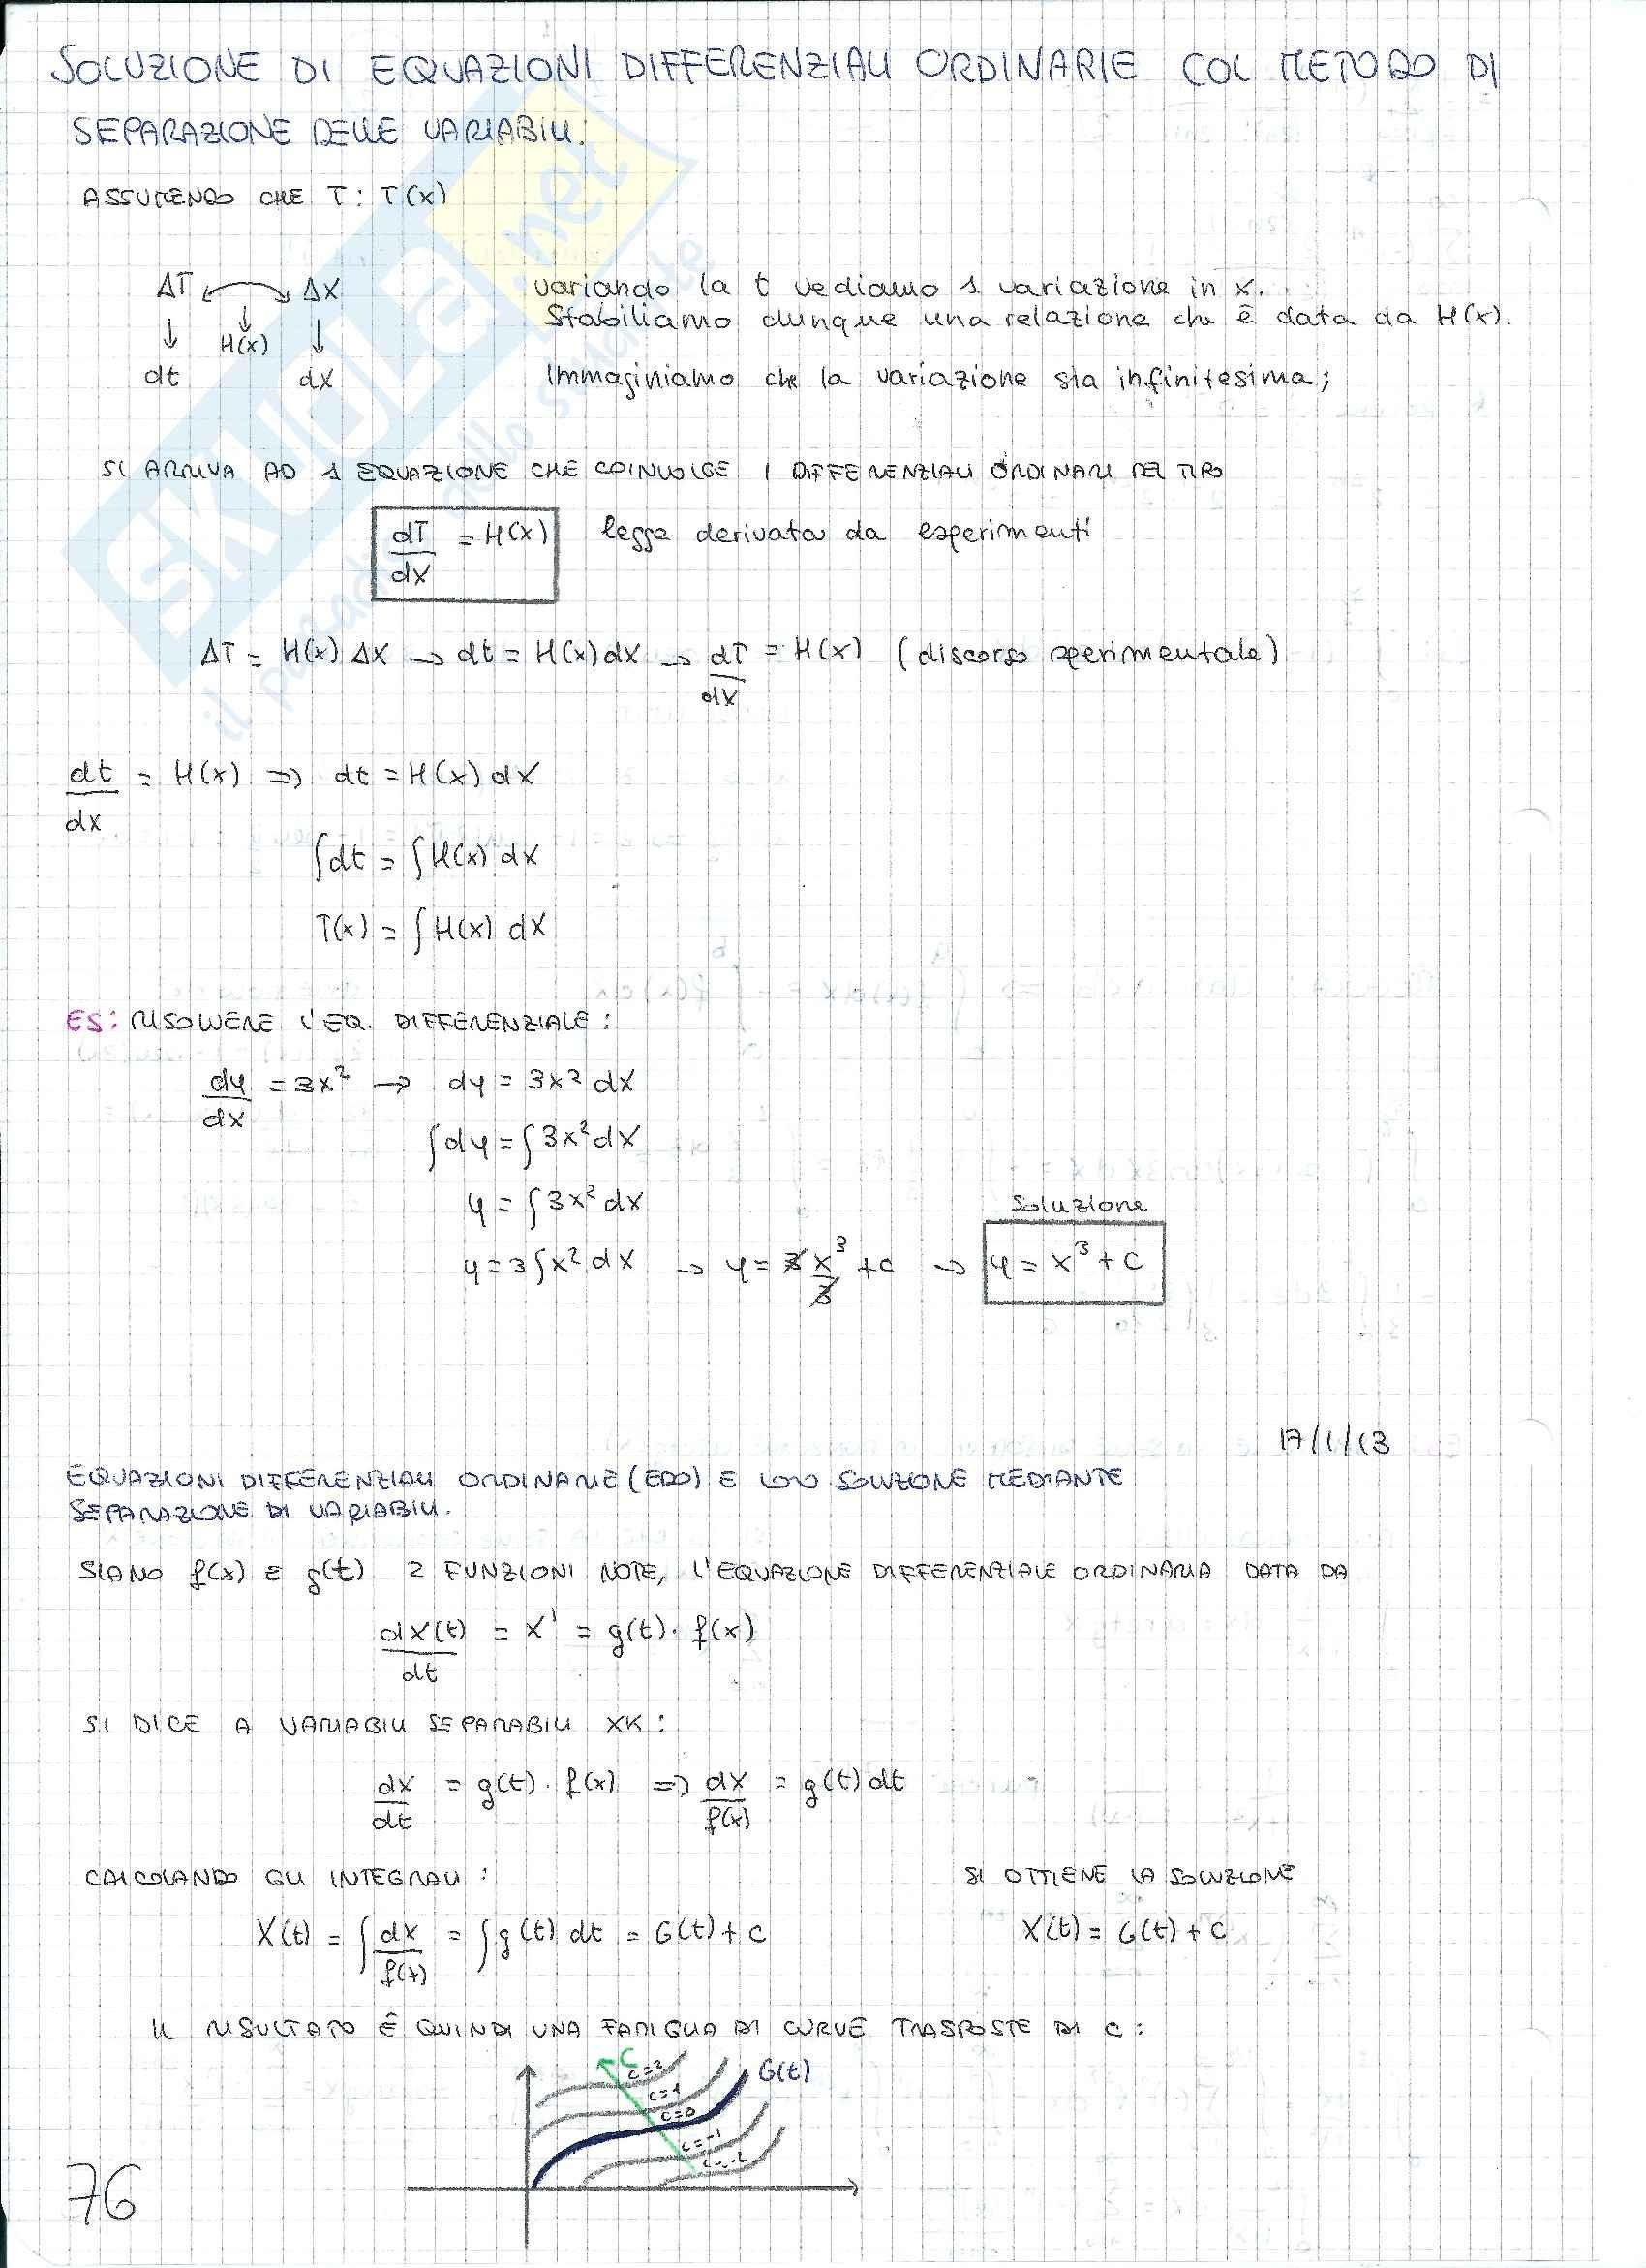 Matematica e statistica - Appunti secondo parziale Pag. 26